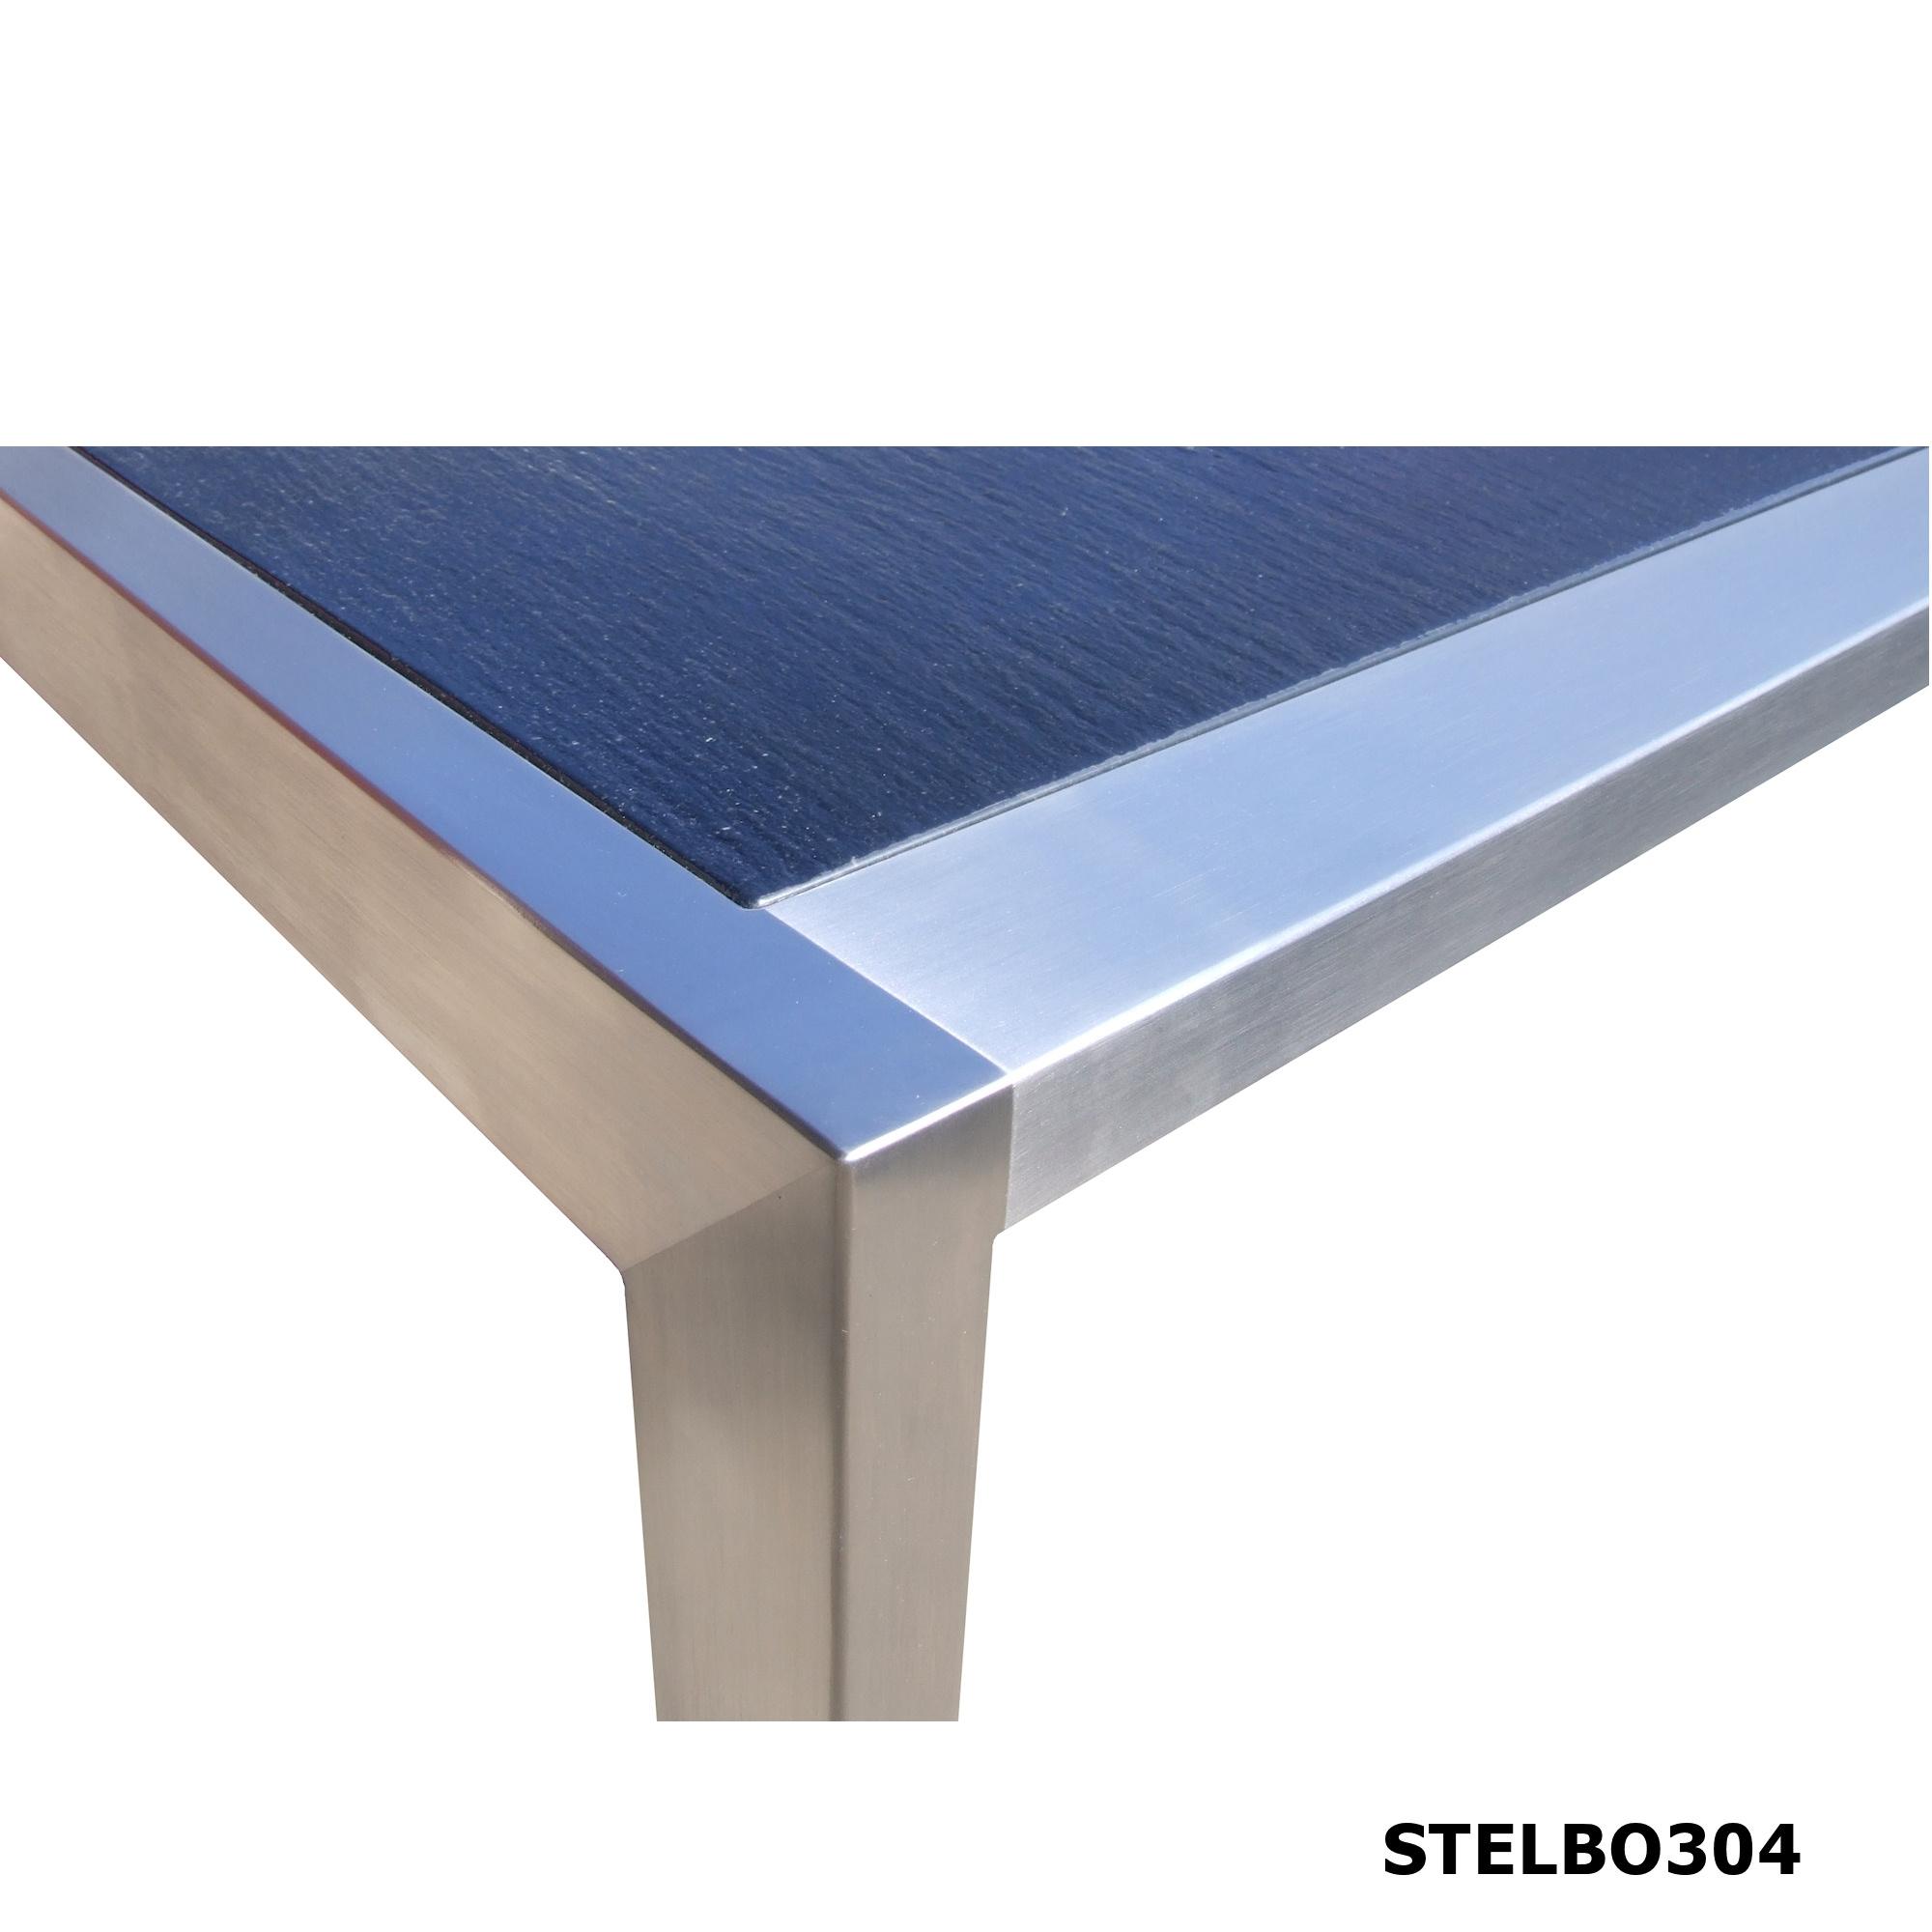 Skifer sofabord model STELBO304 med indvendig bordplade